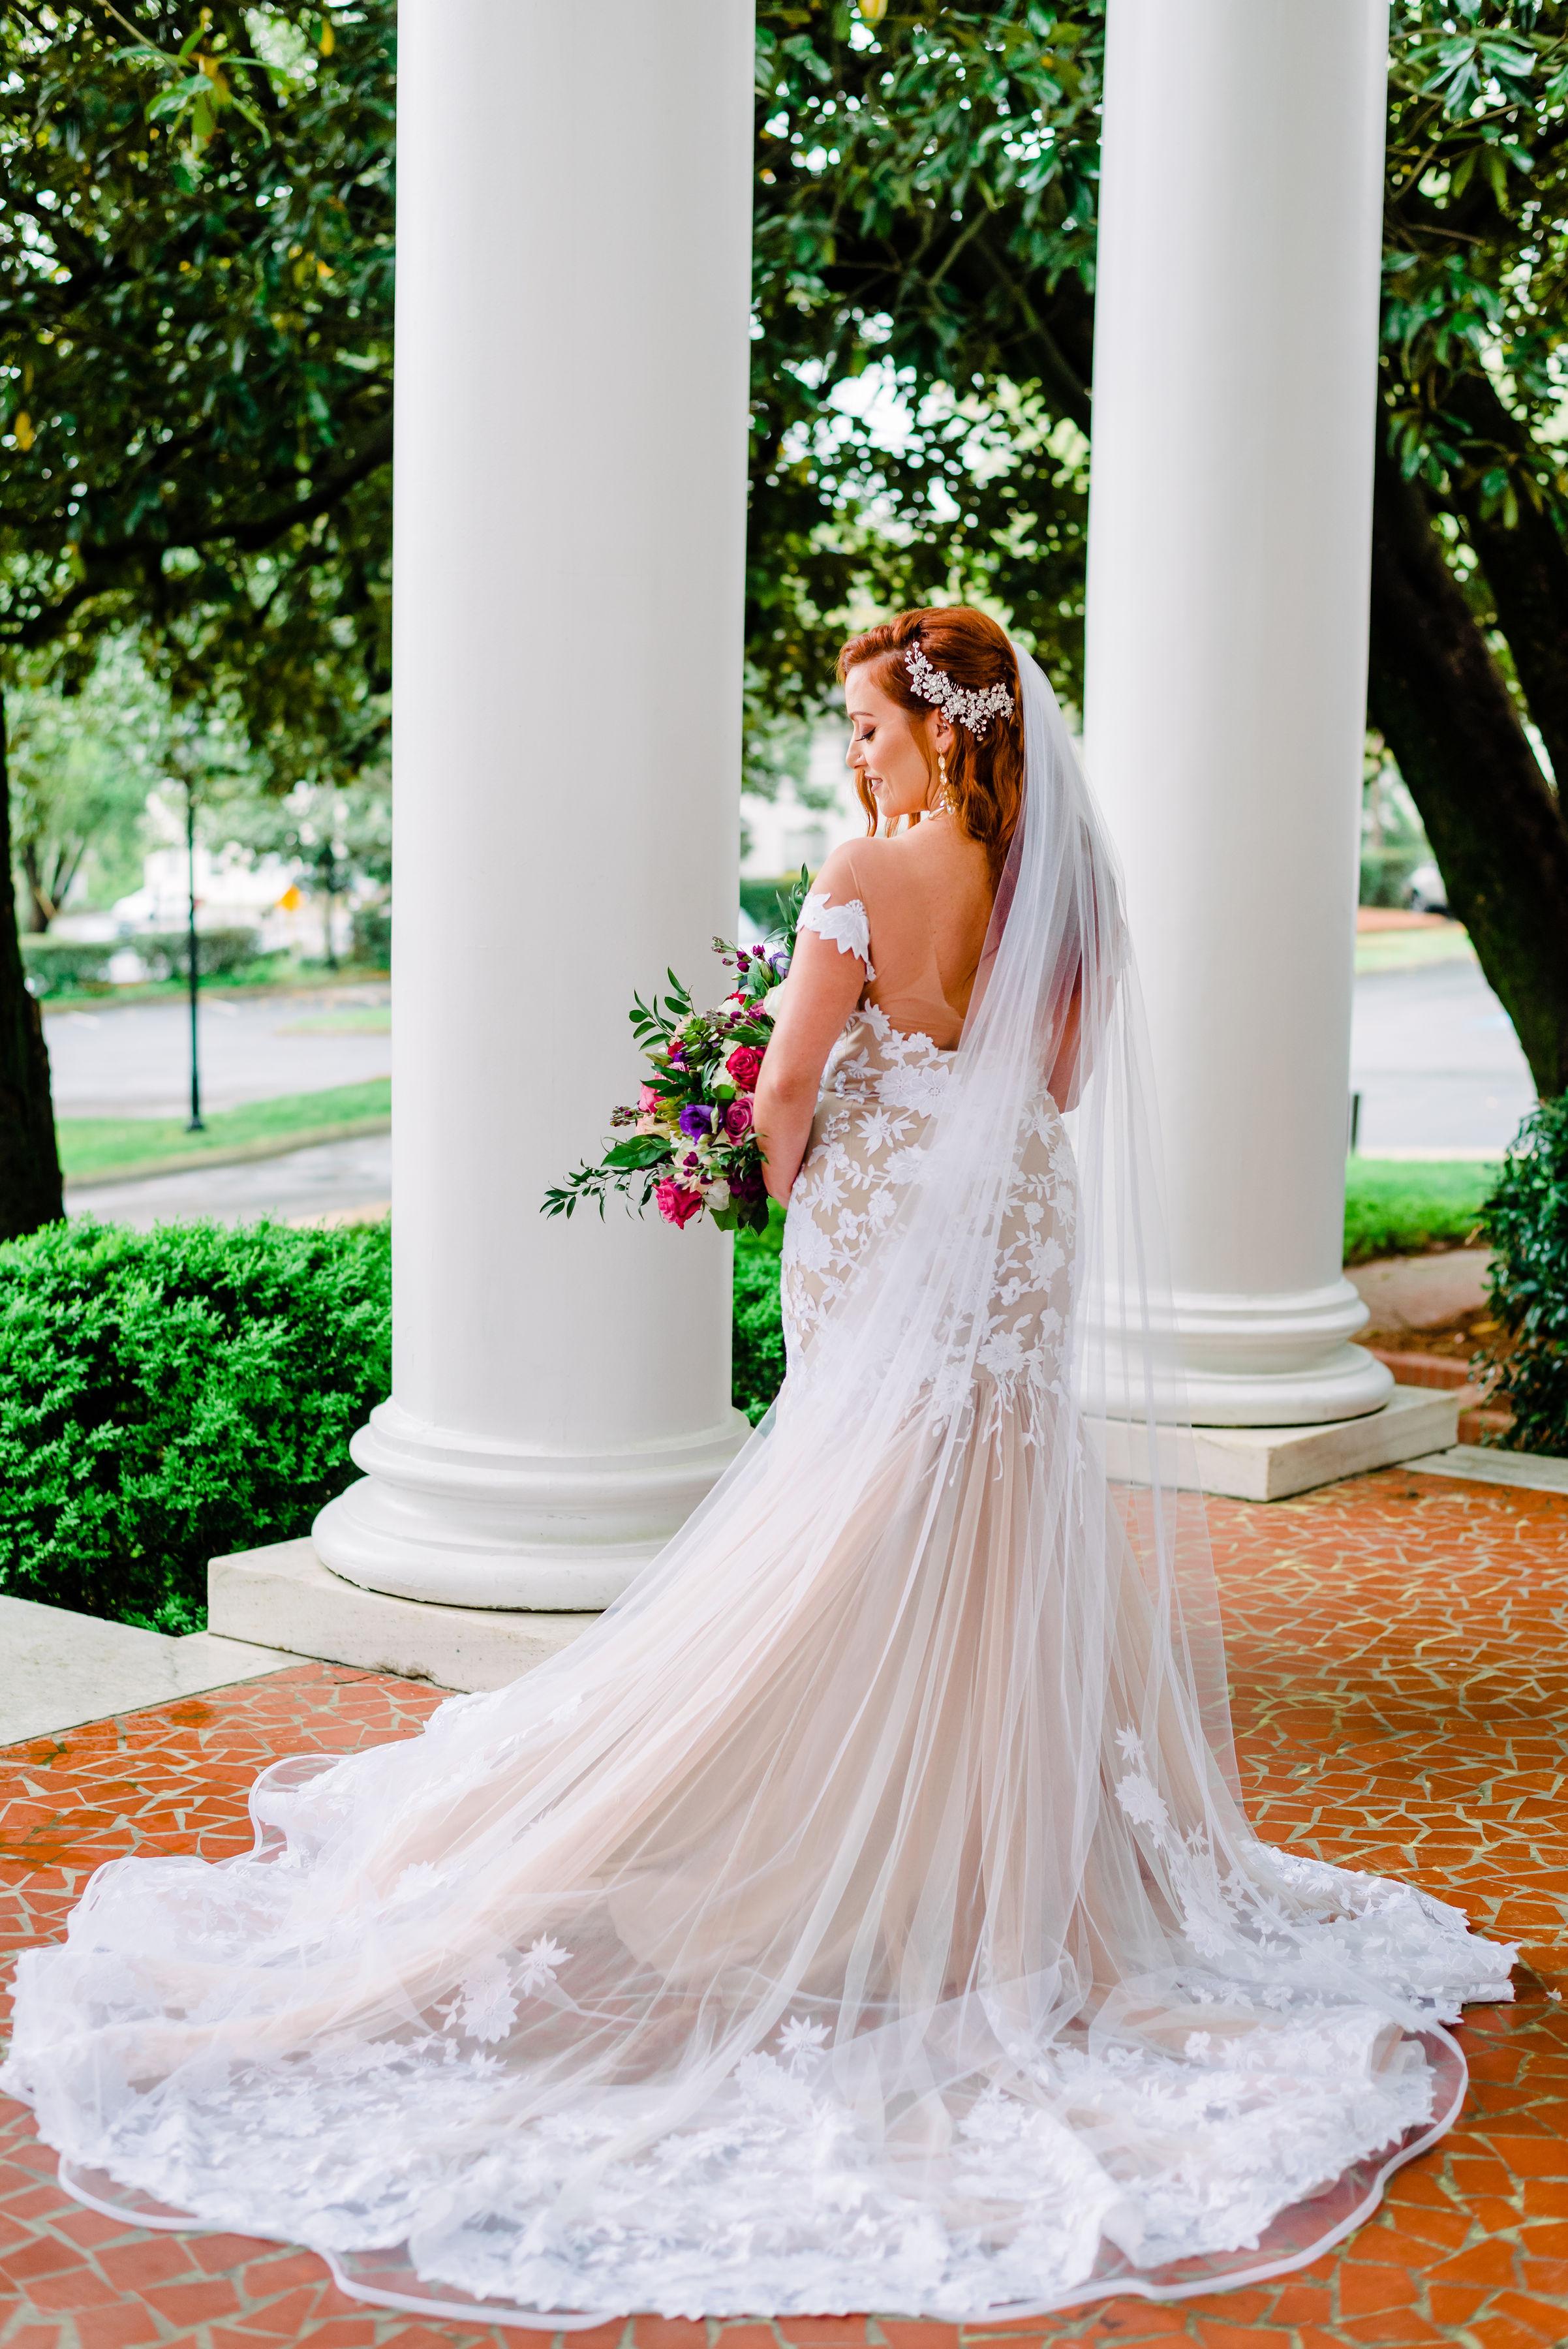 AshleyF_bridals-27.jpg